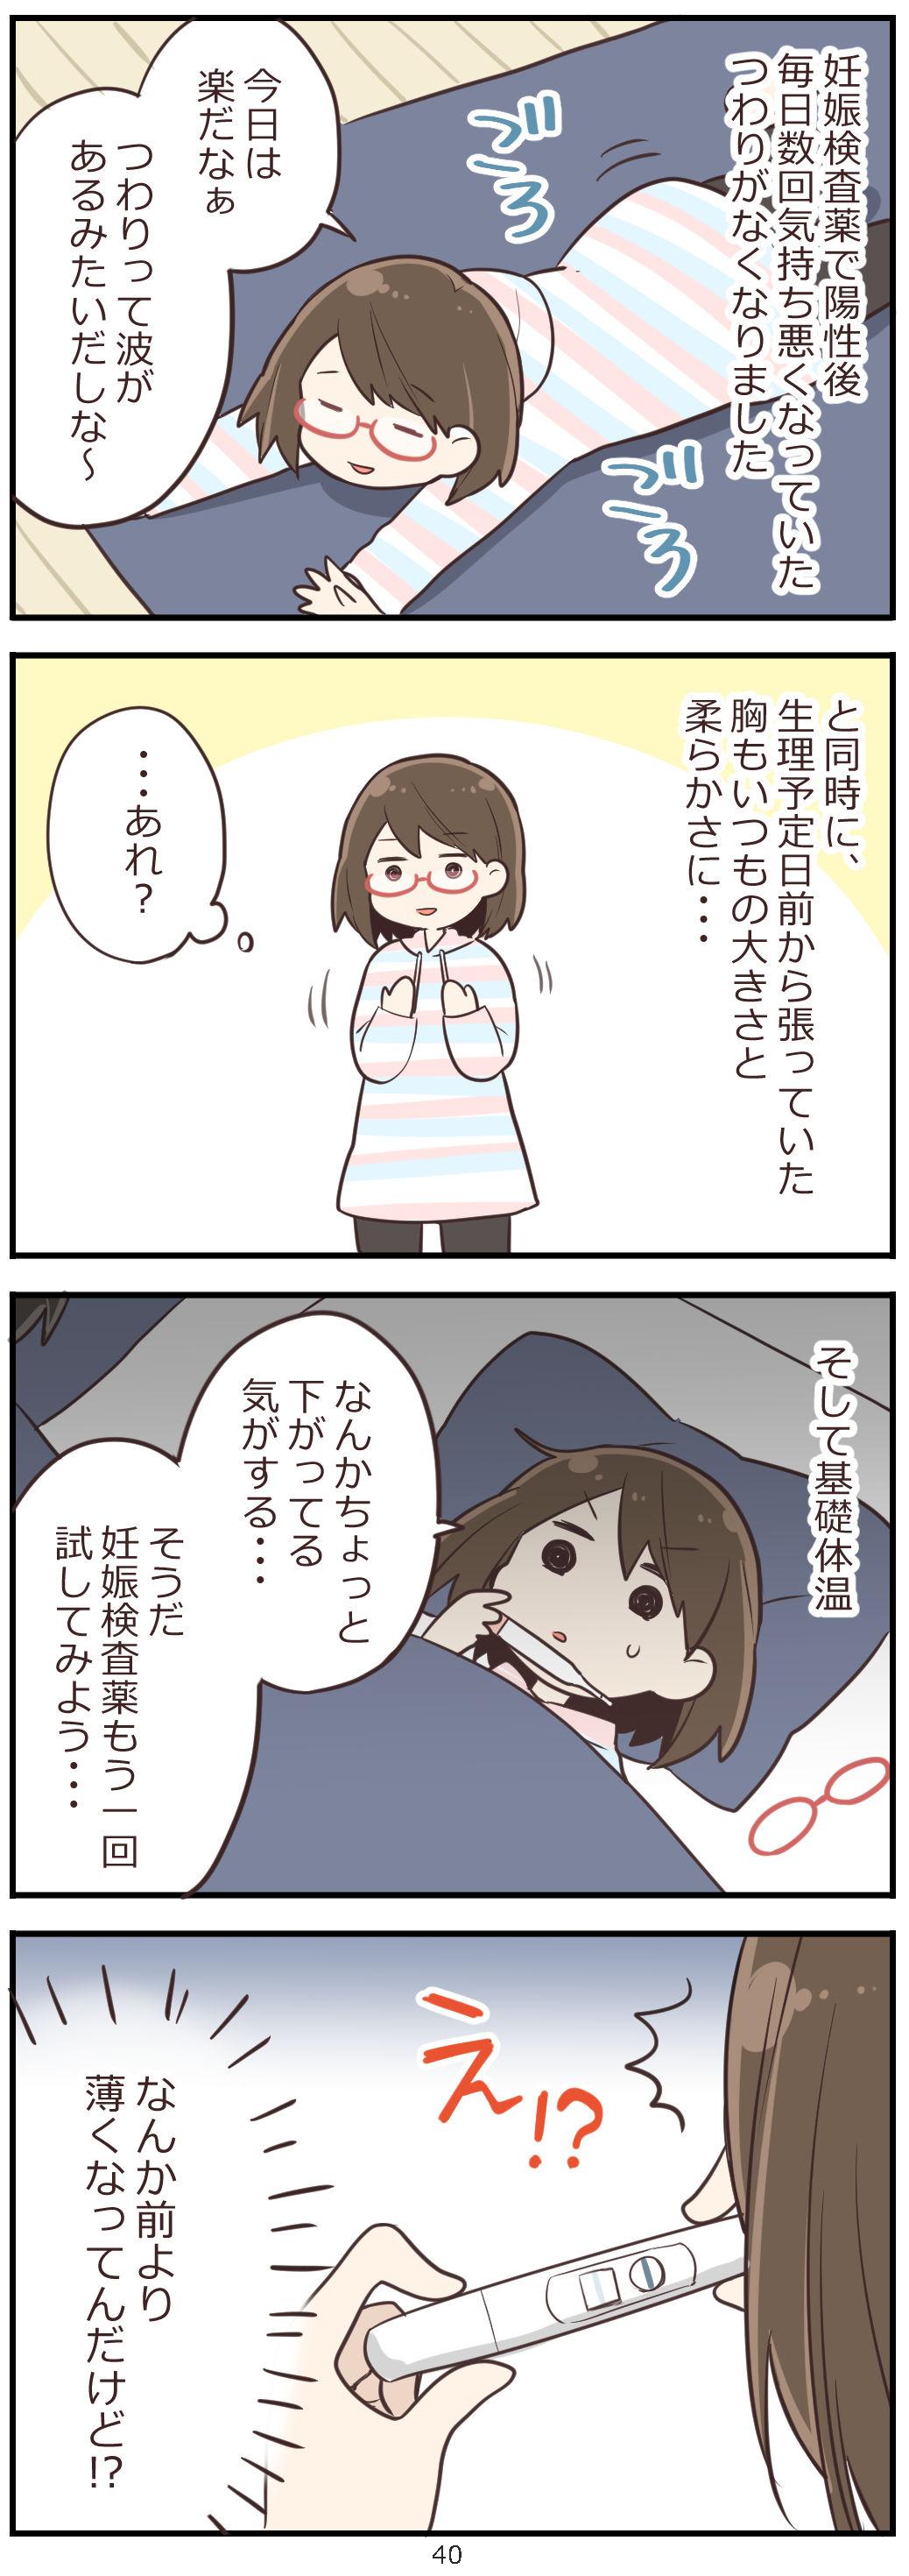 「妊活レベル1 まっふの冒険記」第40話